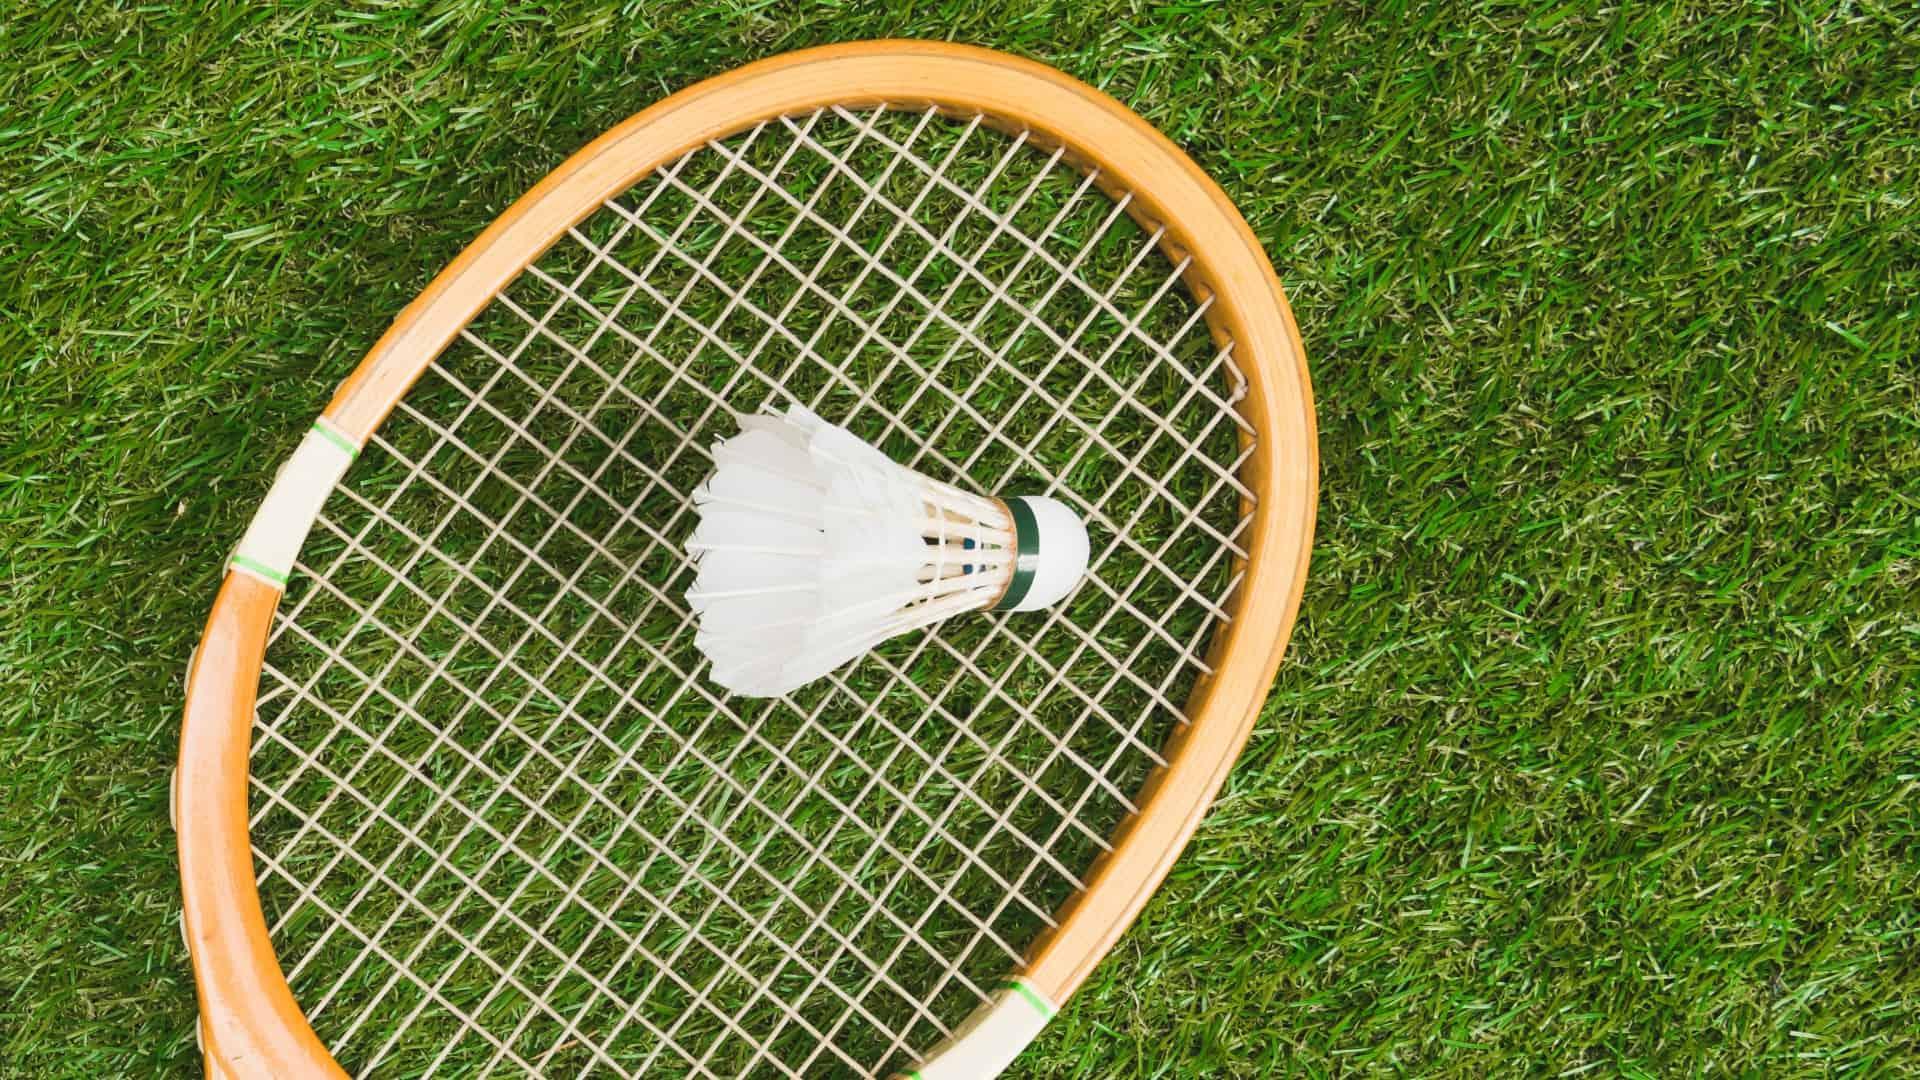 Miglior racchetta da badminton 2021: Guida all'acquisto